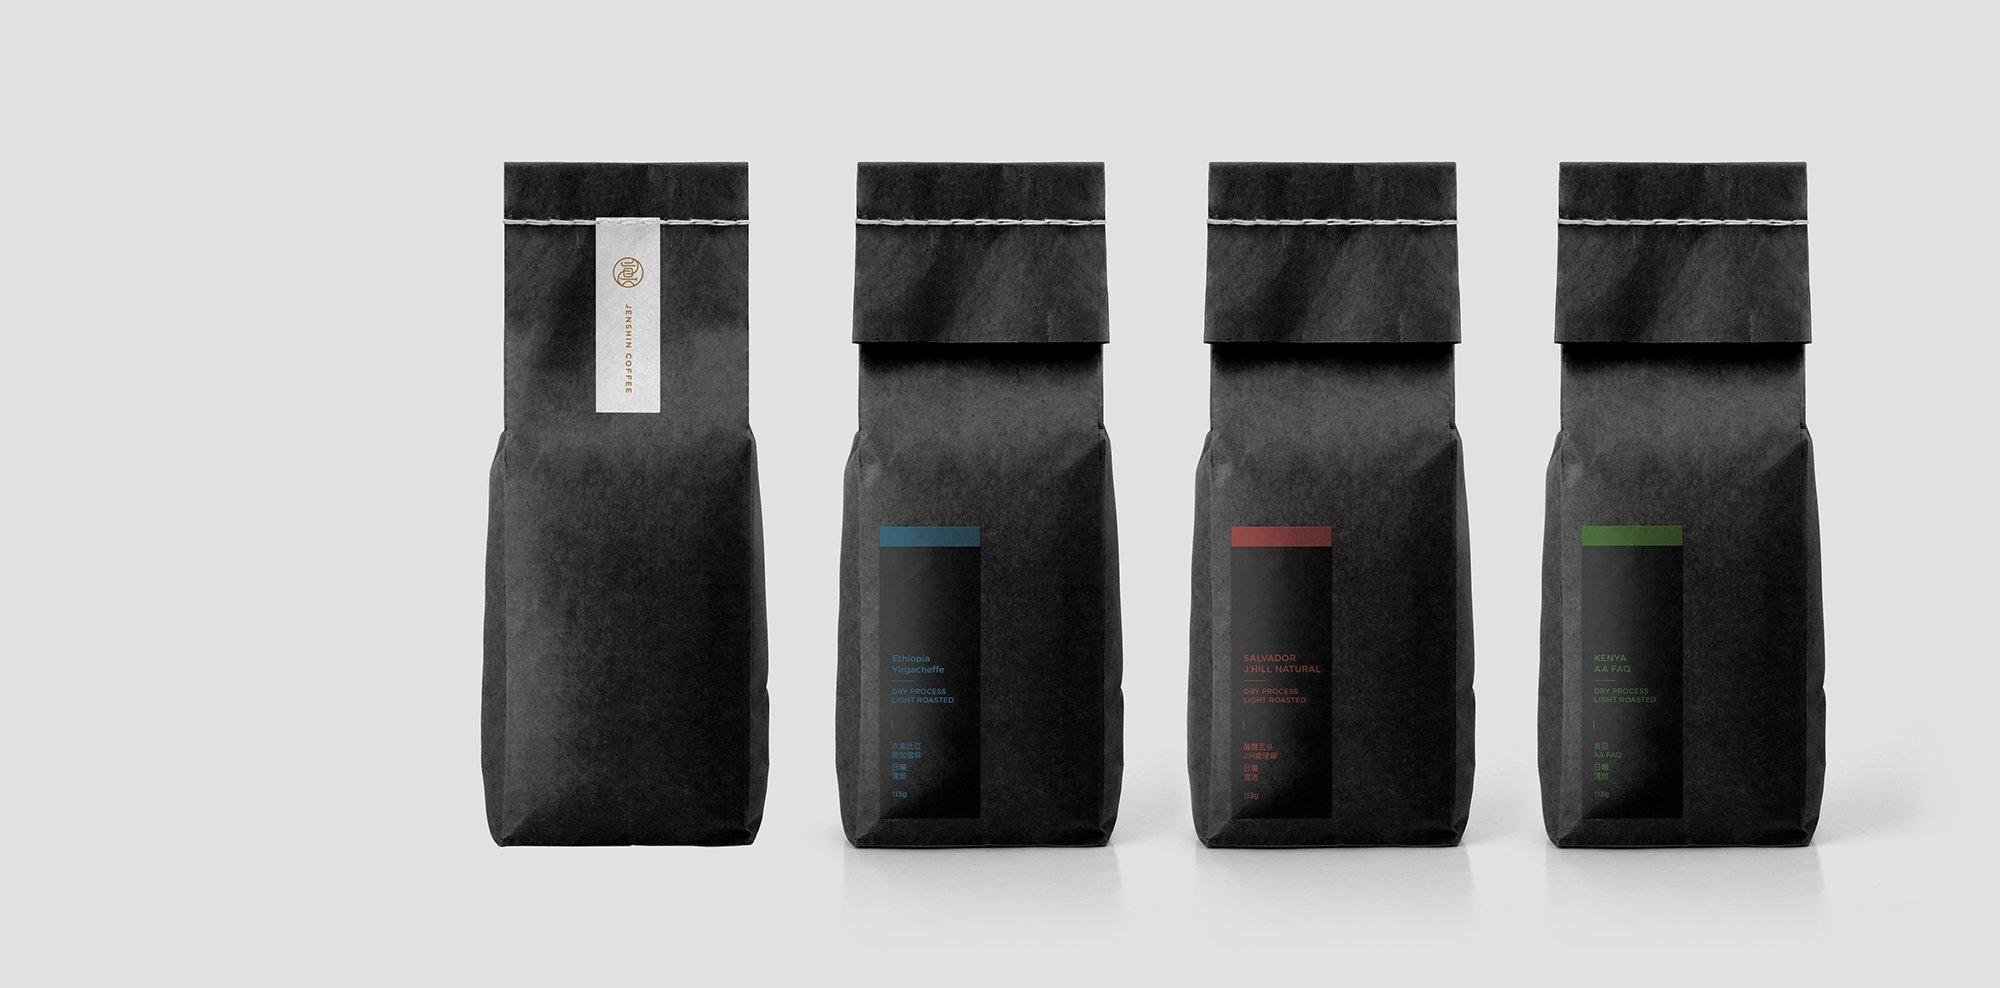 真心豆行-2019咖啡品牌識別設計 3